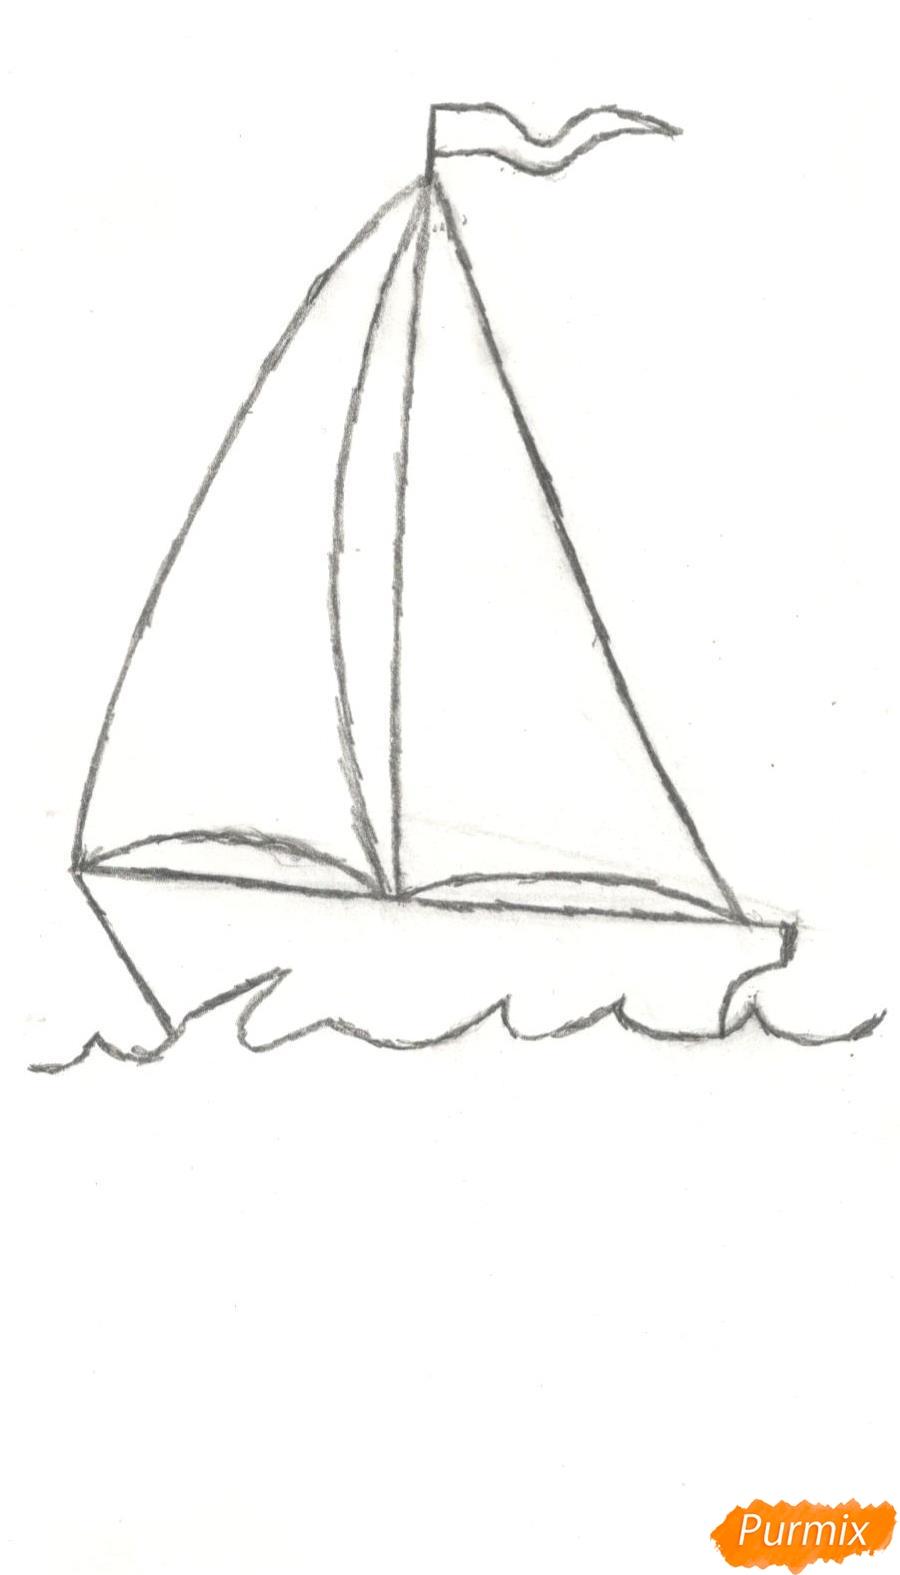 Рисуем кораблик (детский урок) - шаг 5